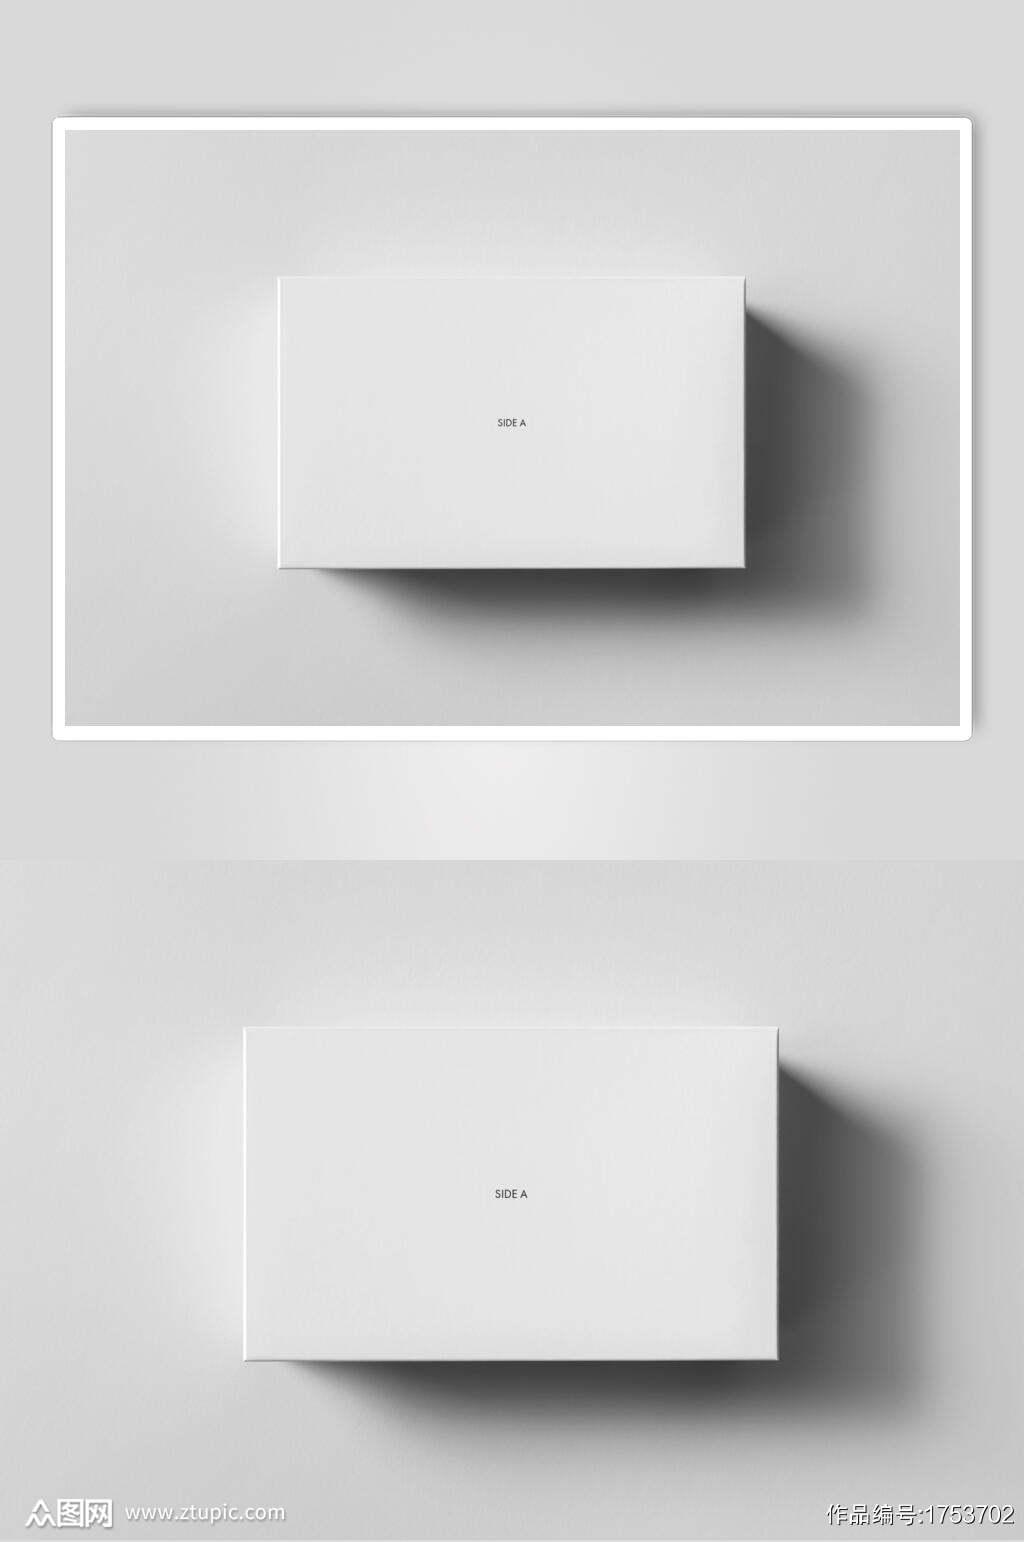 极简精装礼盒LOGO显示样机效果图素材